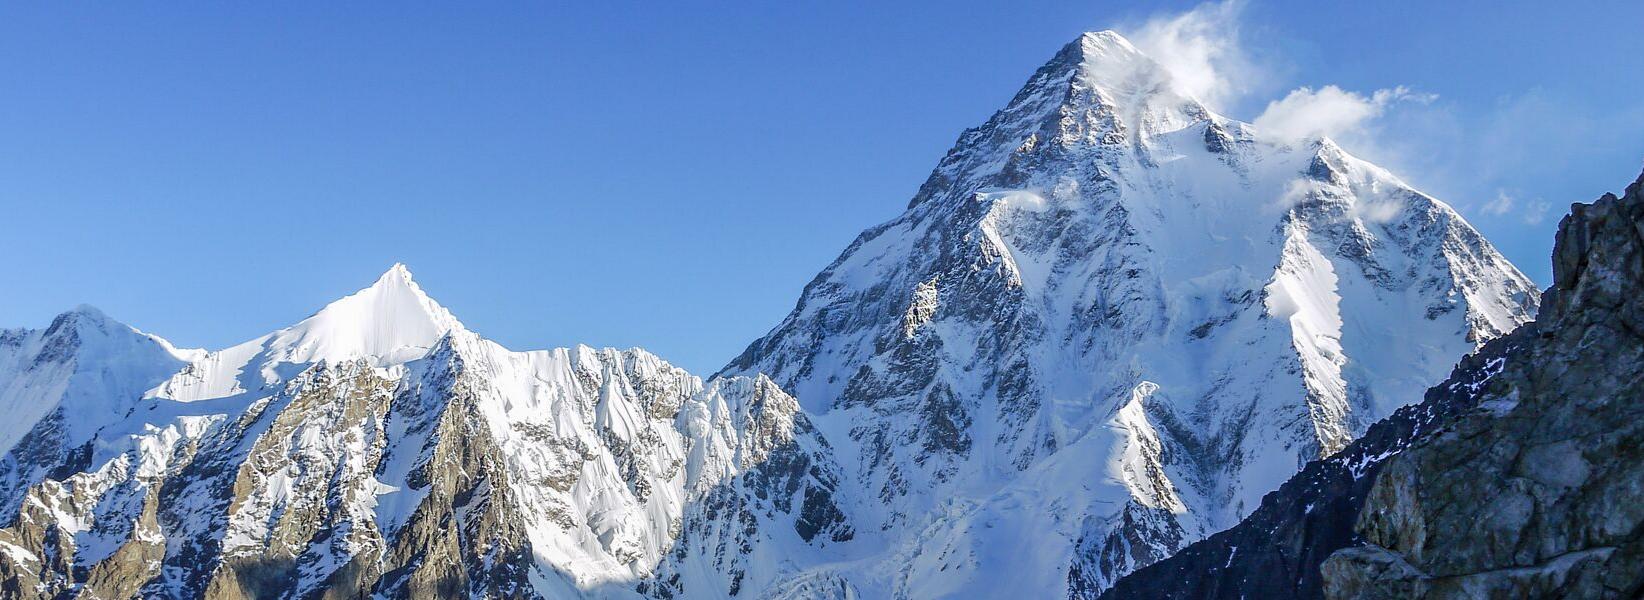 Bestia i książę - kto jako pierwszy próbował zdobyć K2?